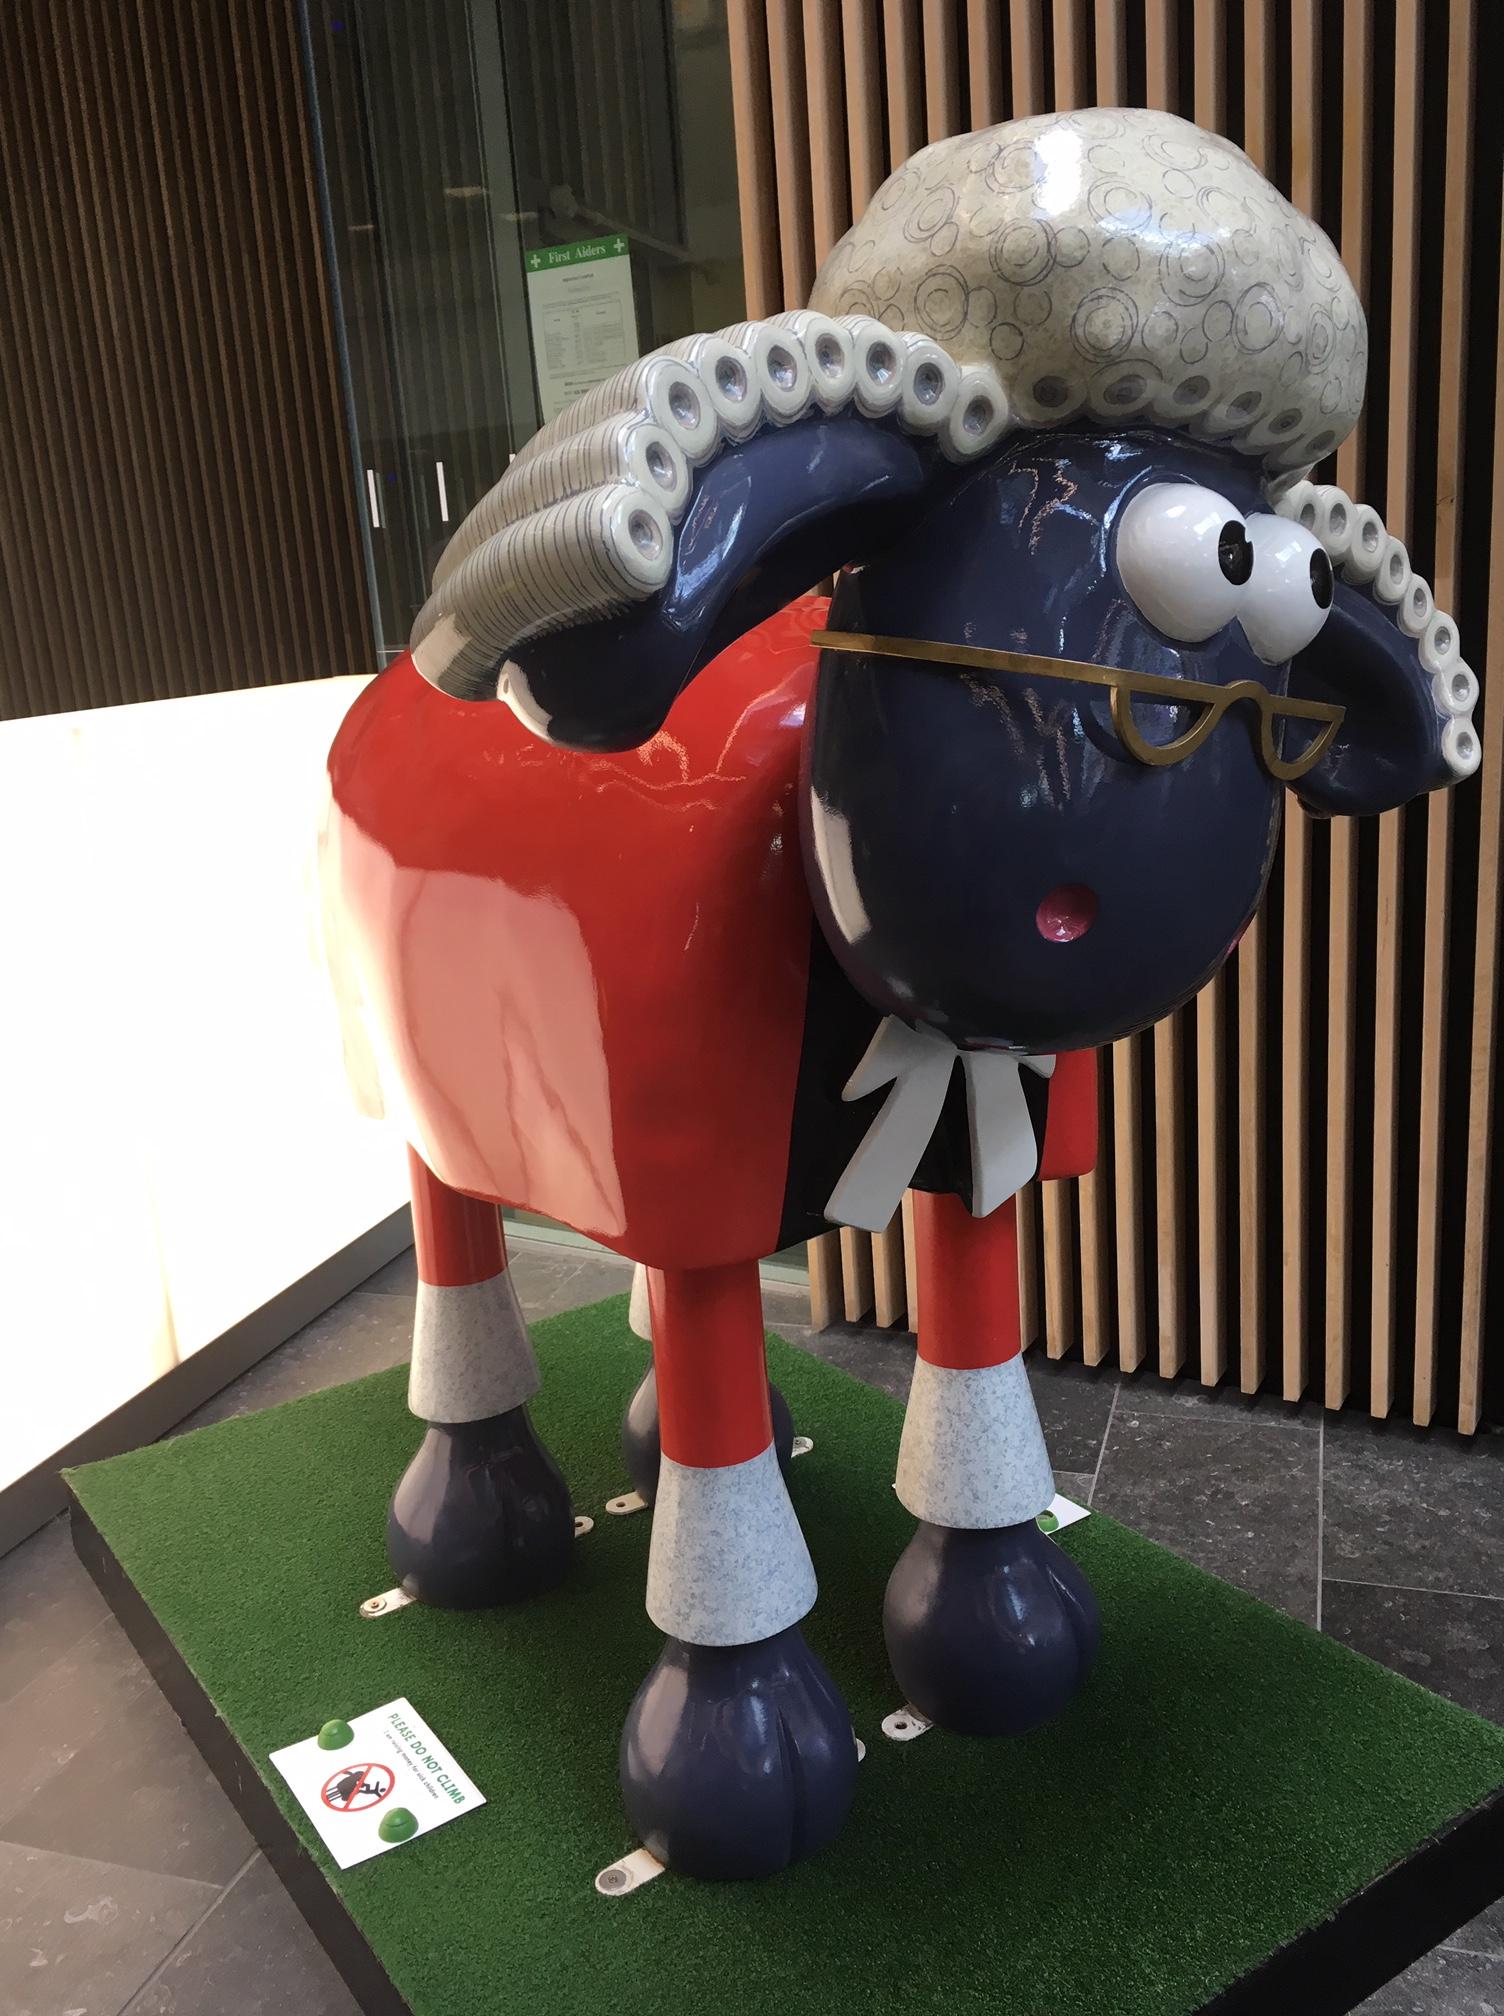 Gromit in the UWE Business school